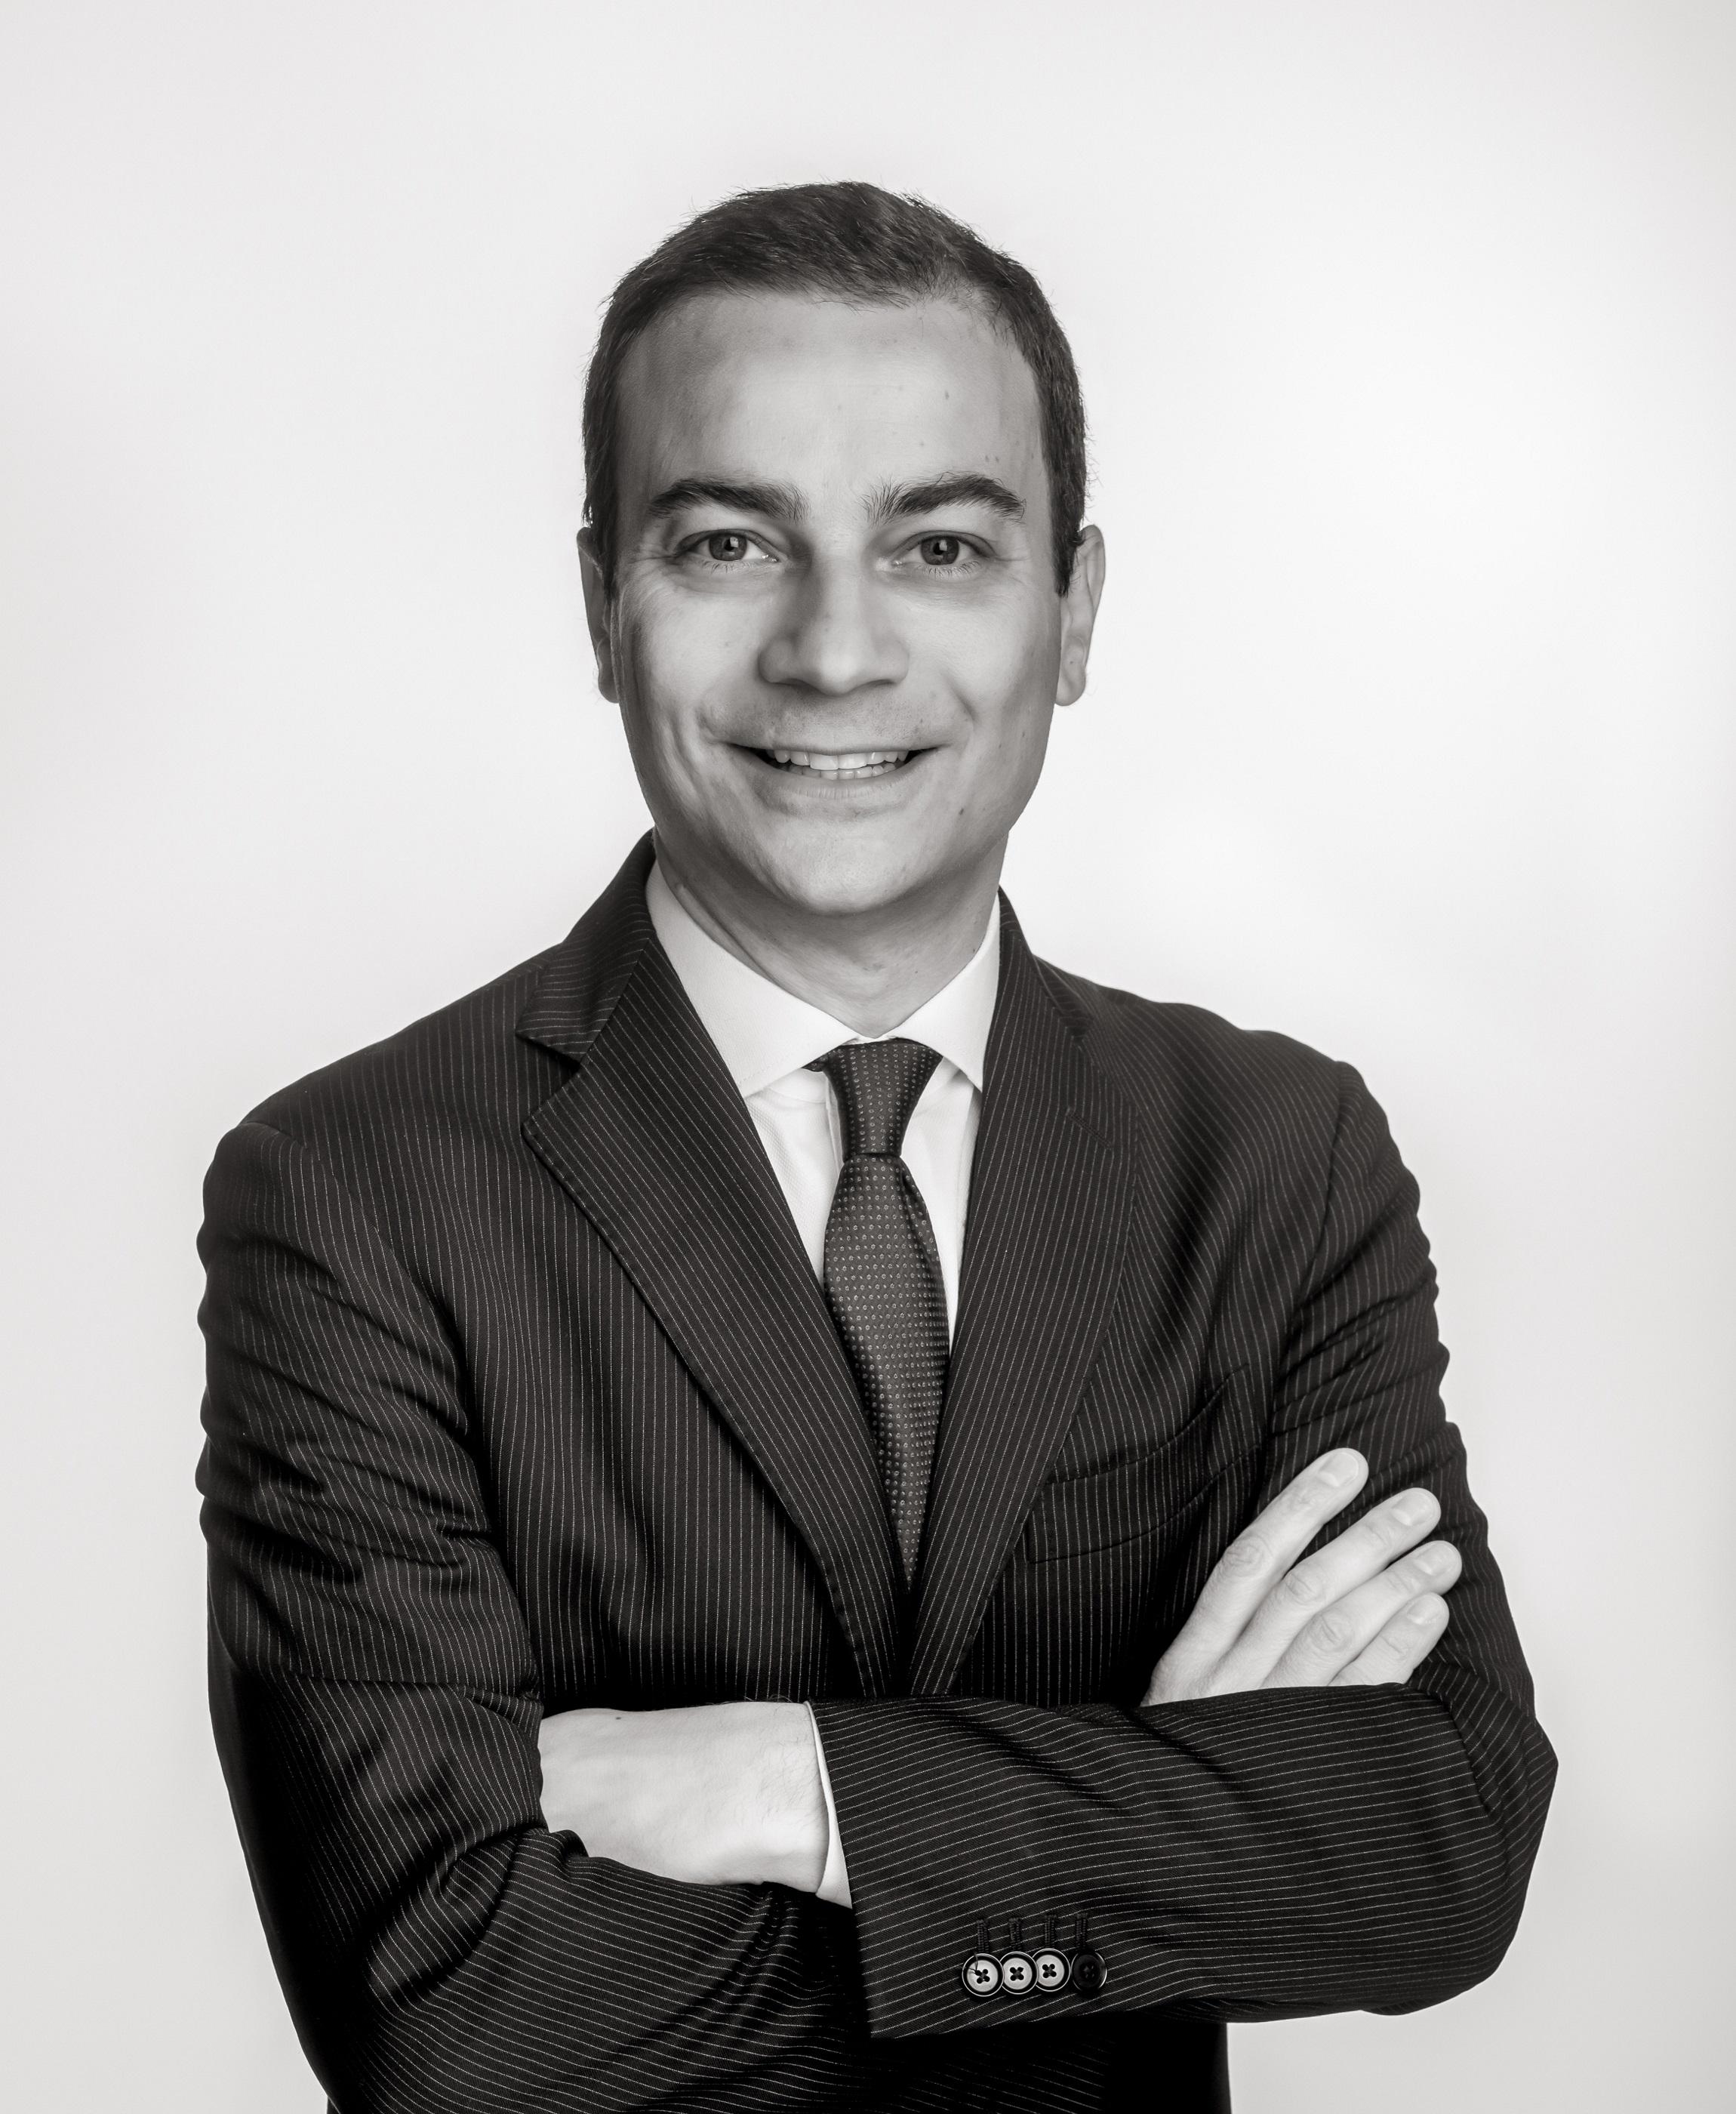 Raffaele2